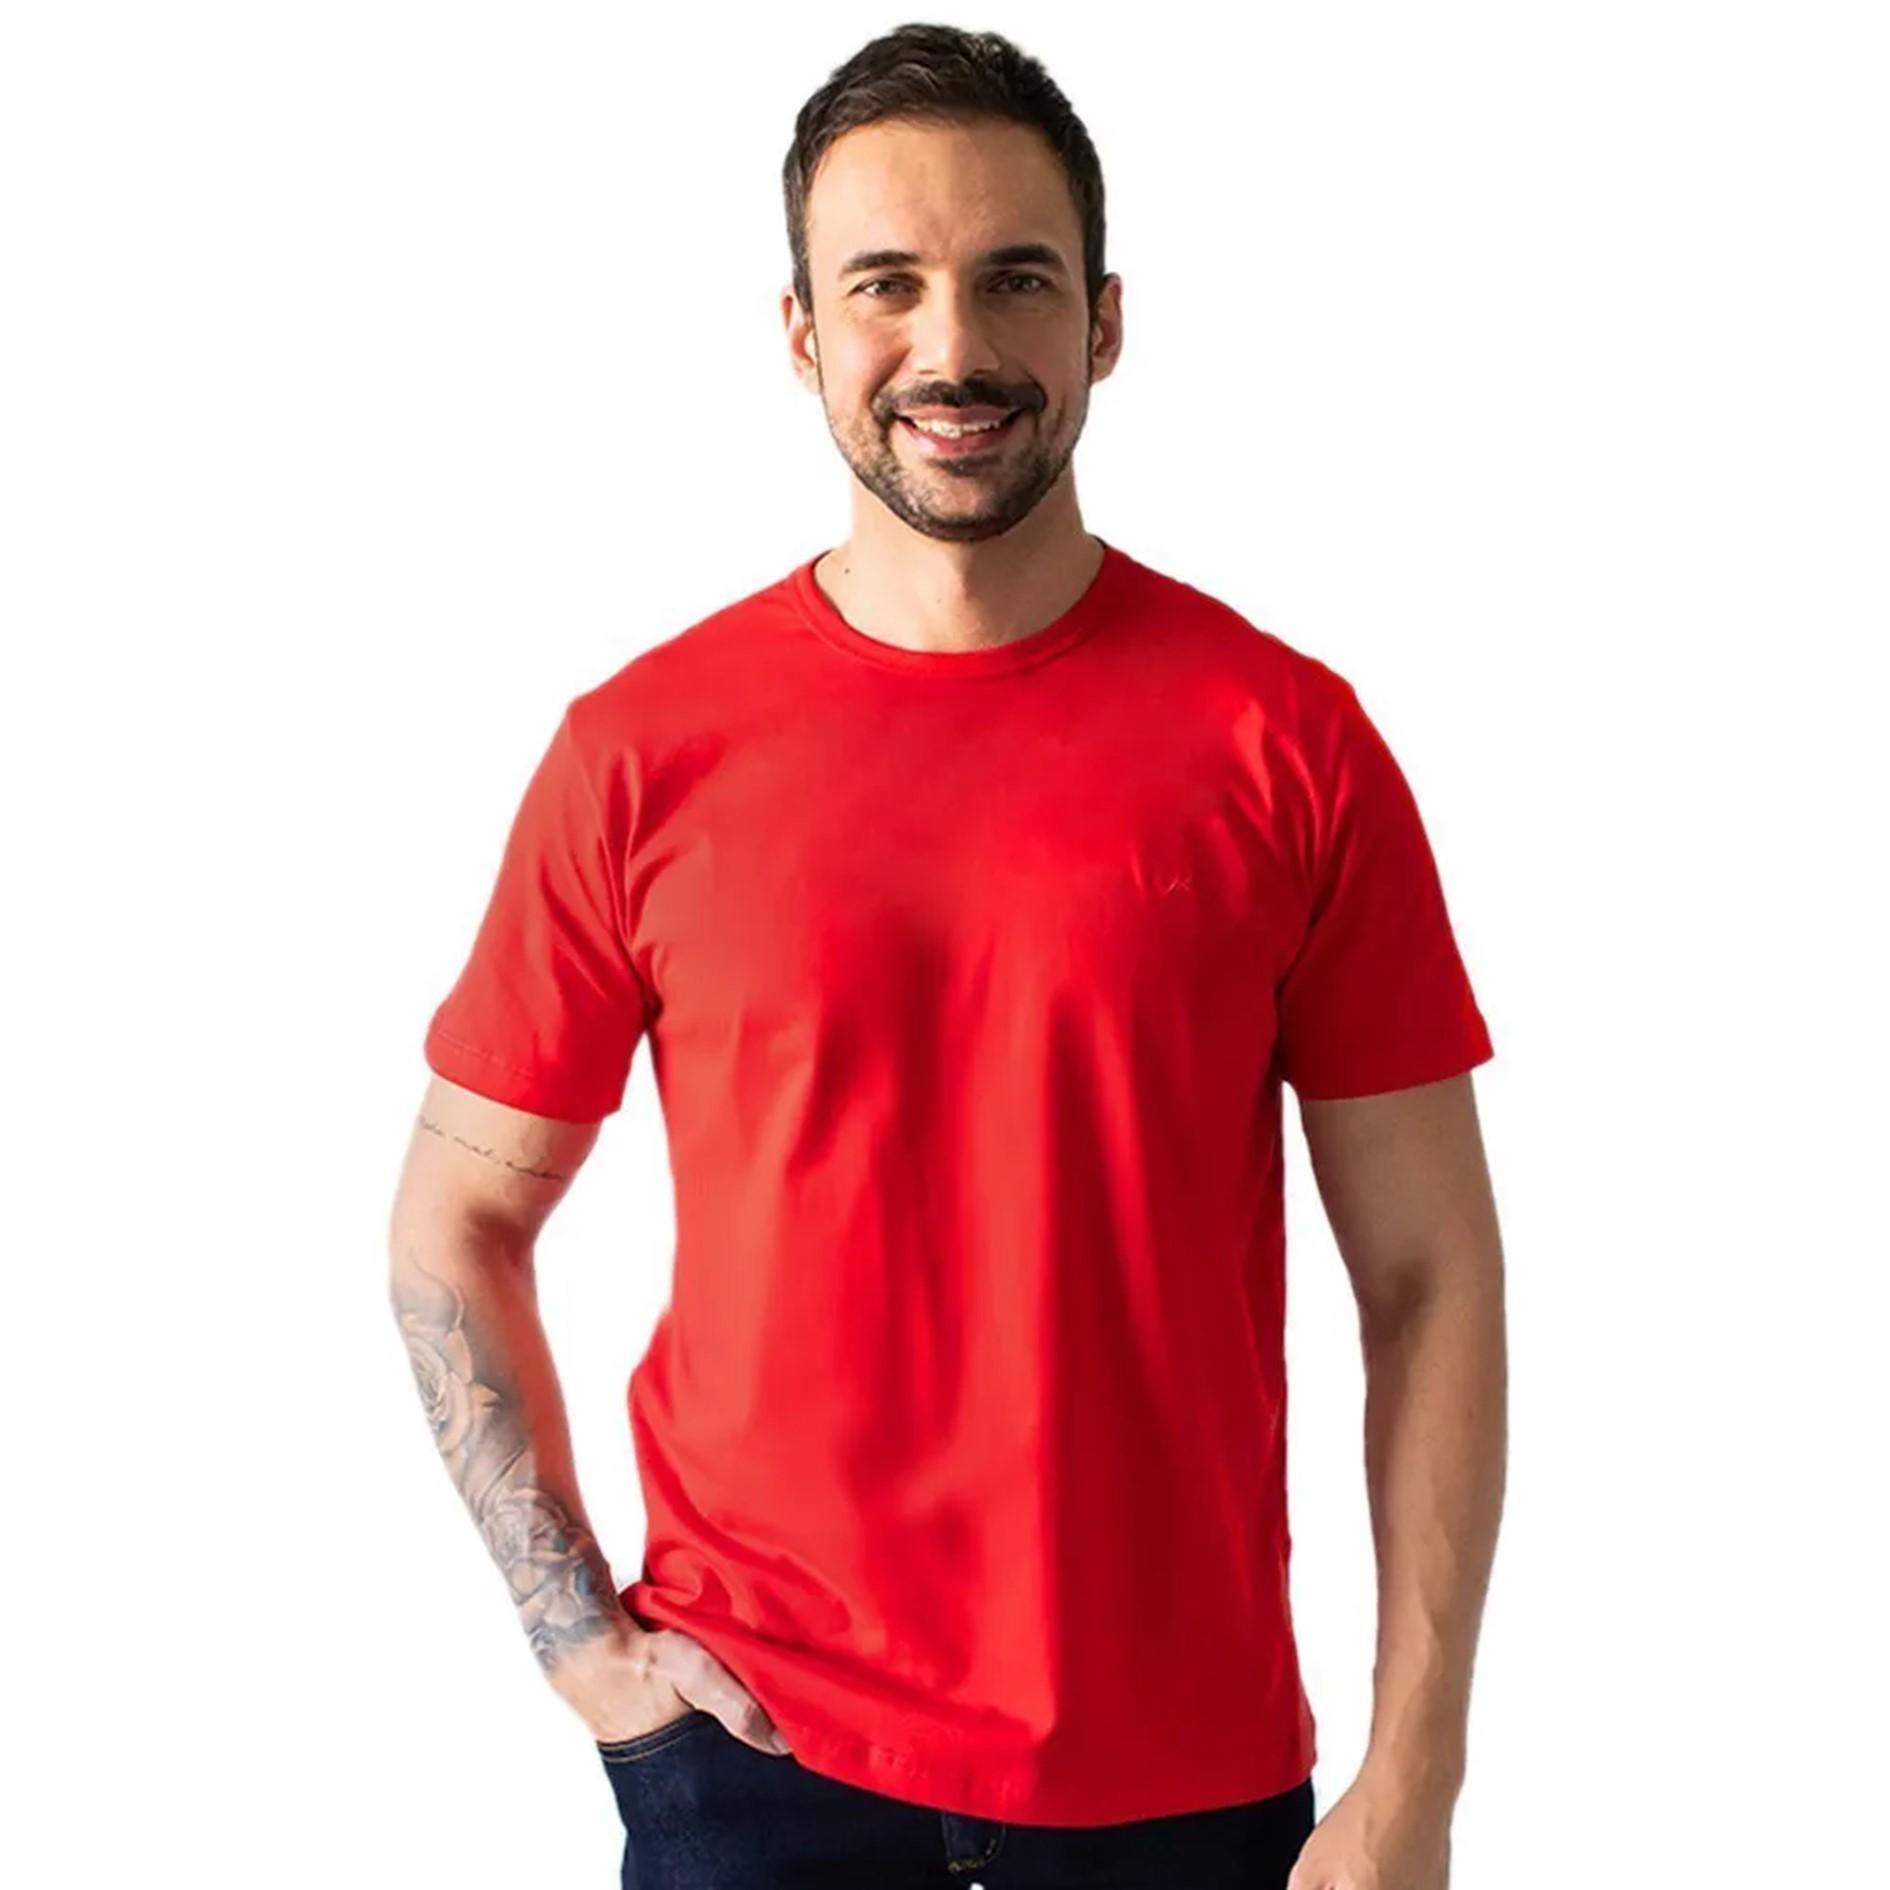 Camiseta Basica Anticorpus 50000